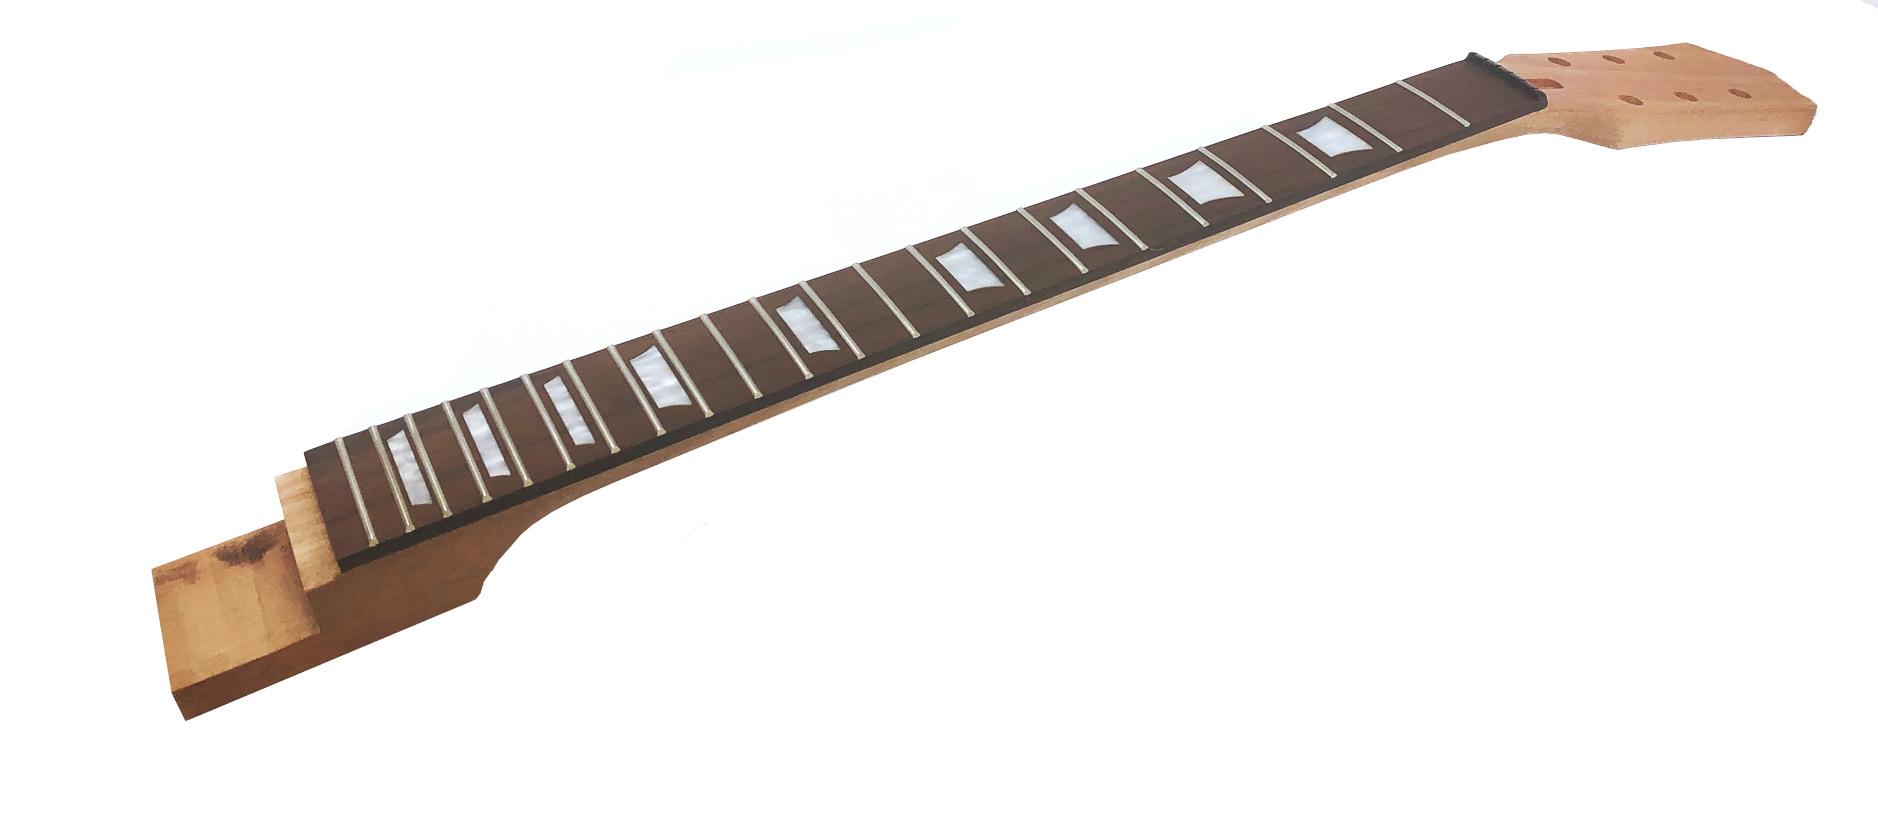 solo sg style diy guitar kit basswood body set neck 3 pick ups. Black Bedroom Furniture Sets. Home Design Ideas